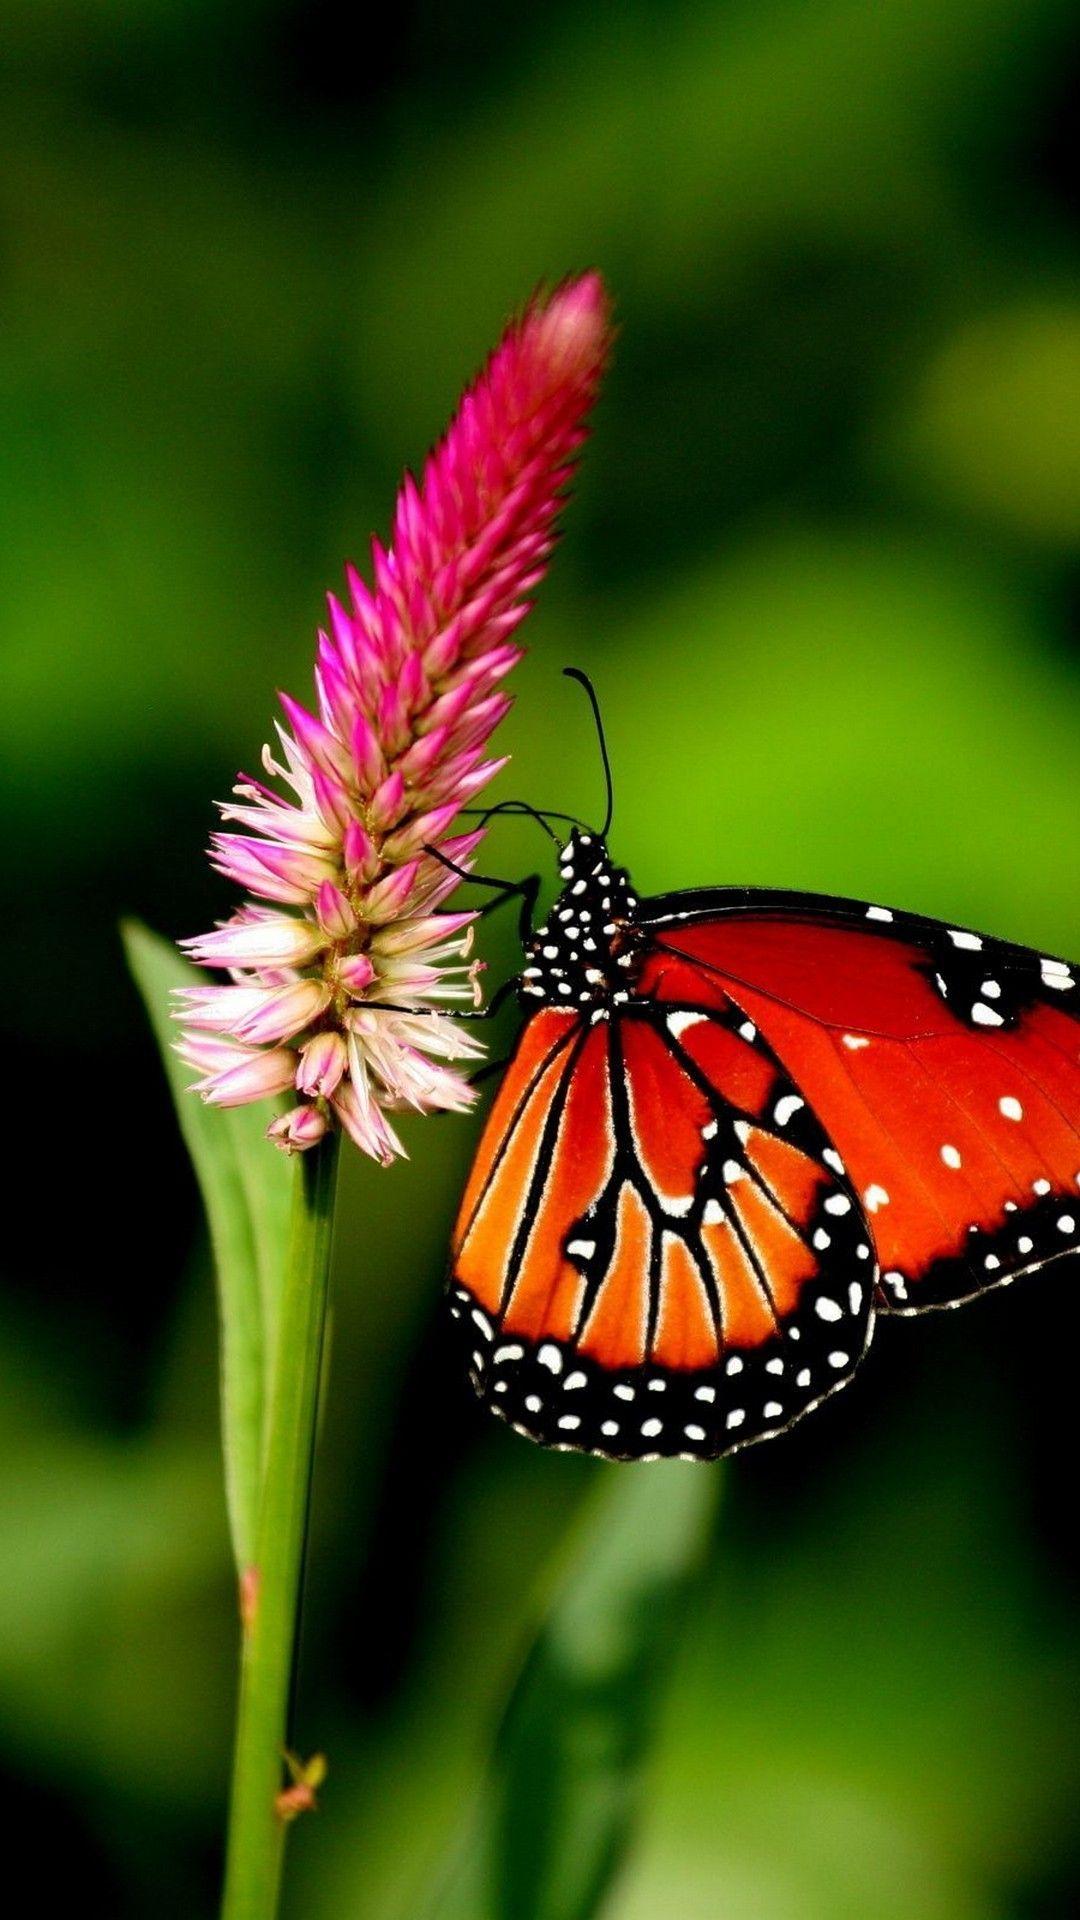 iPhone Wallpaper HD Butterfly Butterfly wallpaper